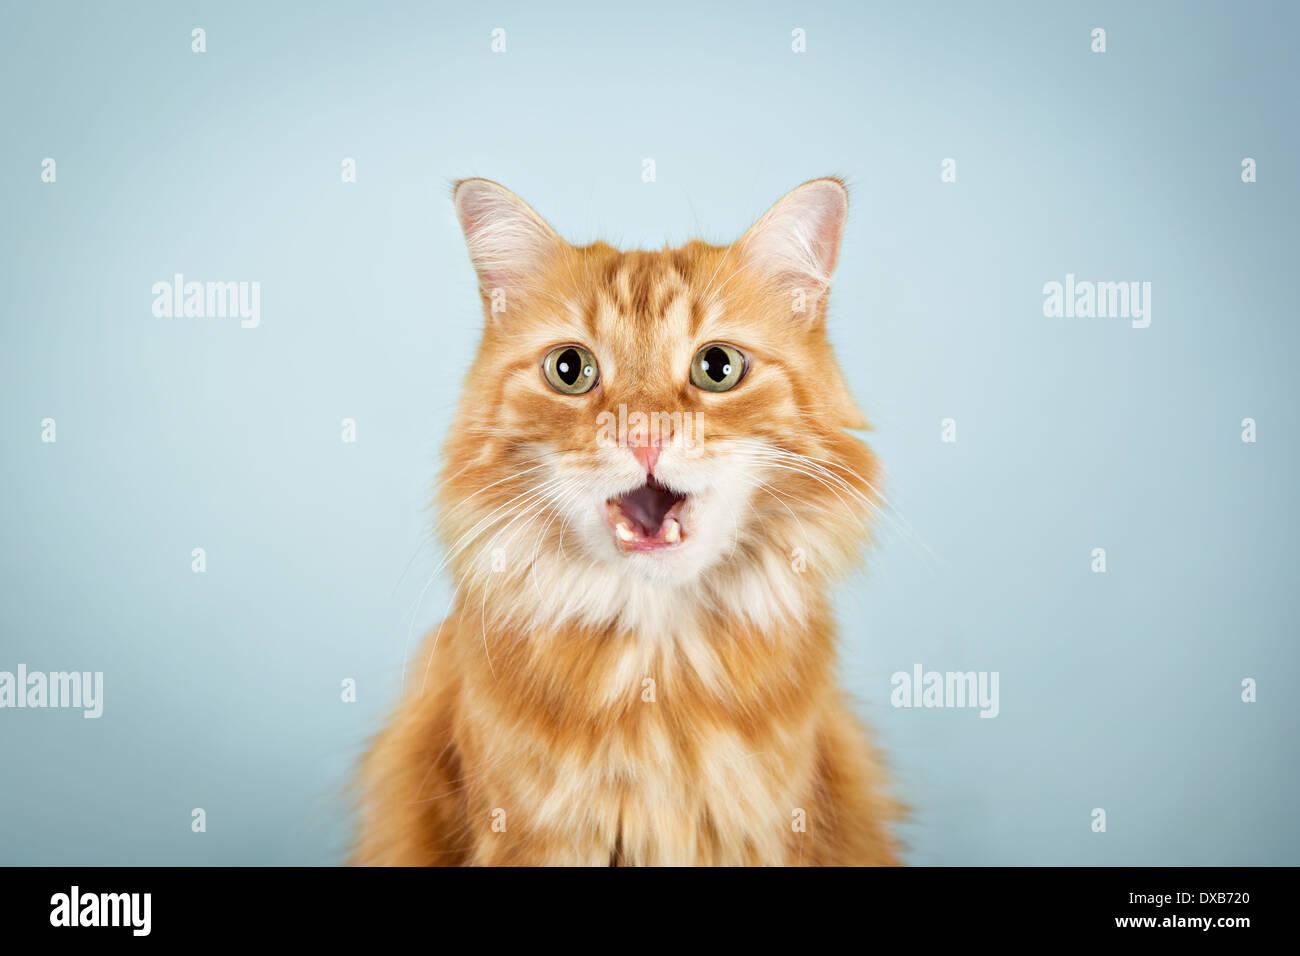 Süße orange Katze mit Mund zu öffnen, in die Kamera starrt. Stockbild